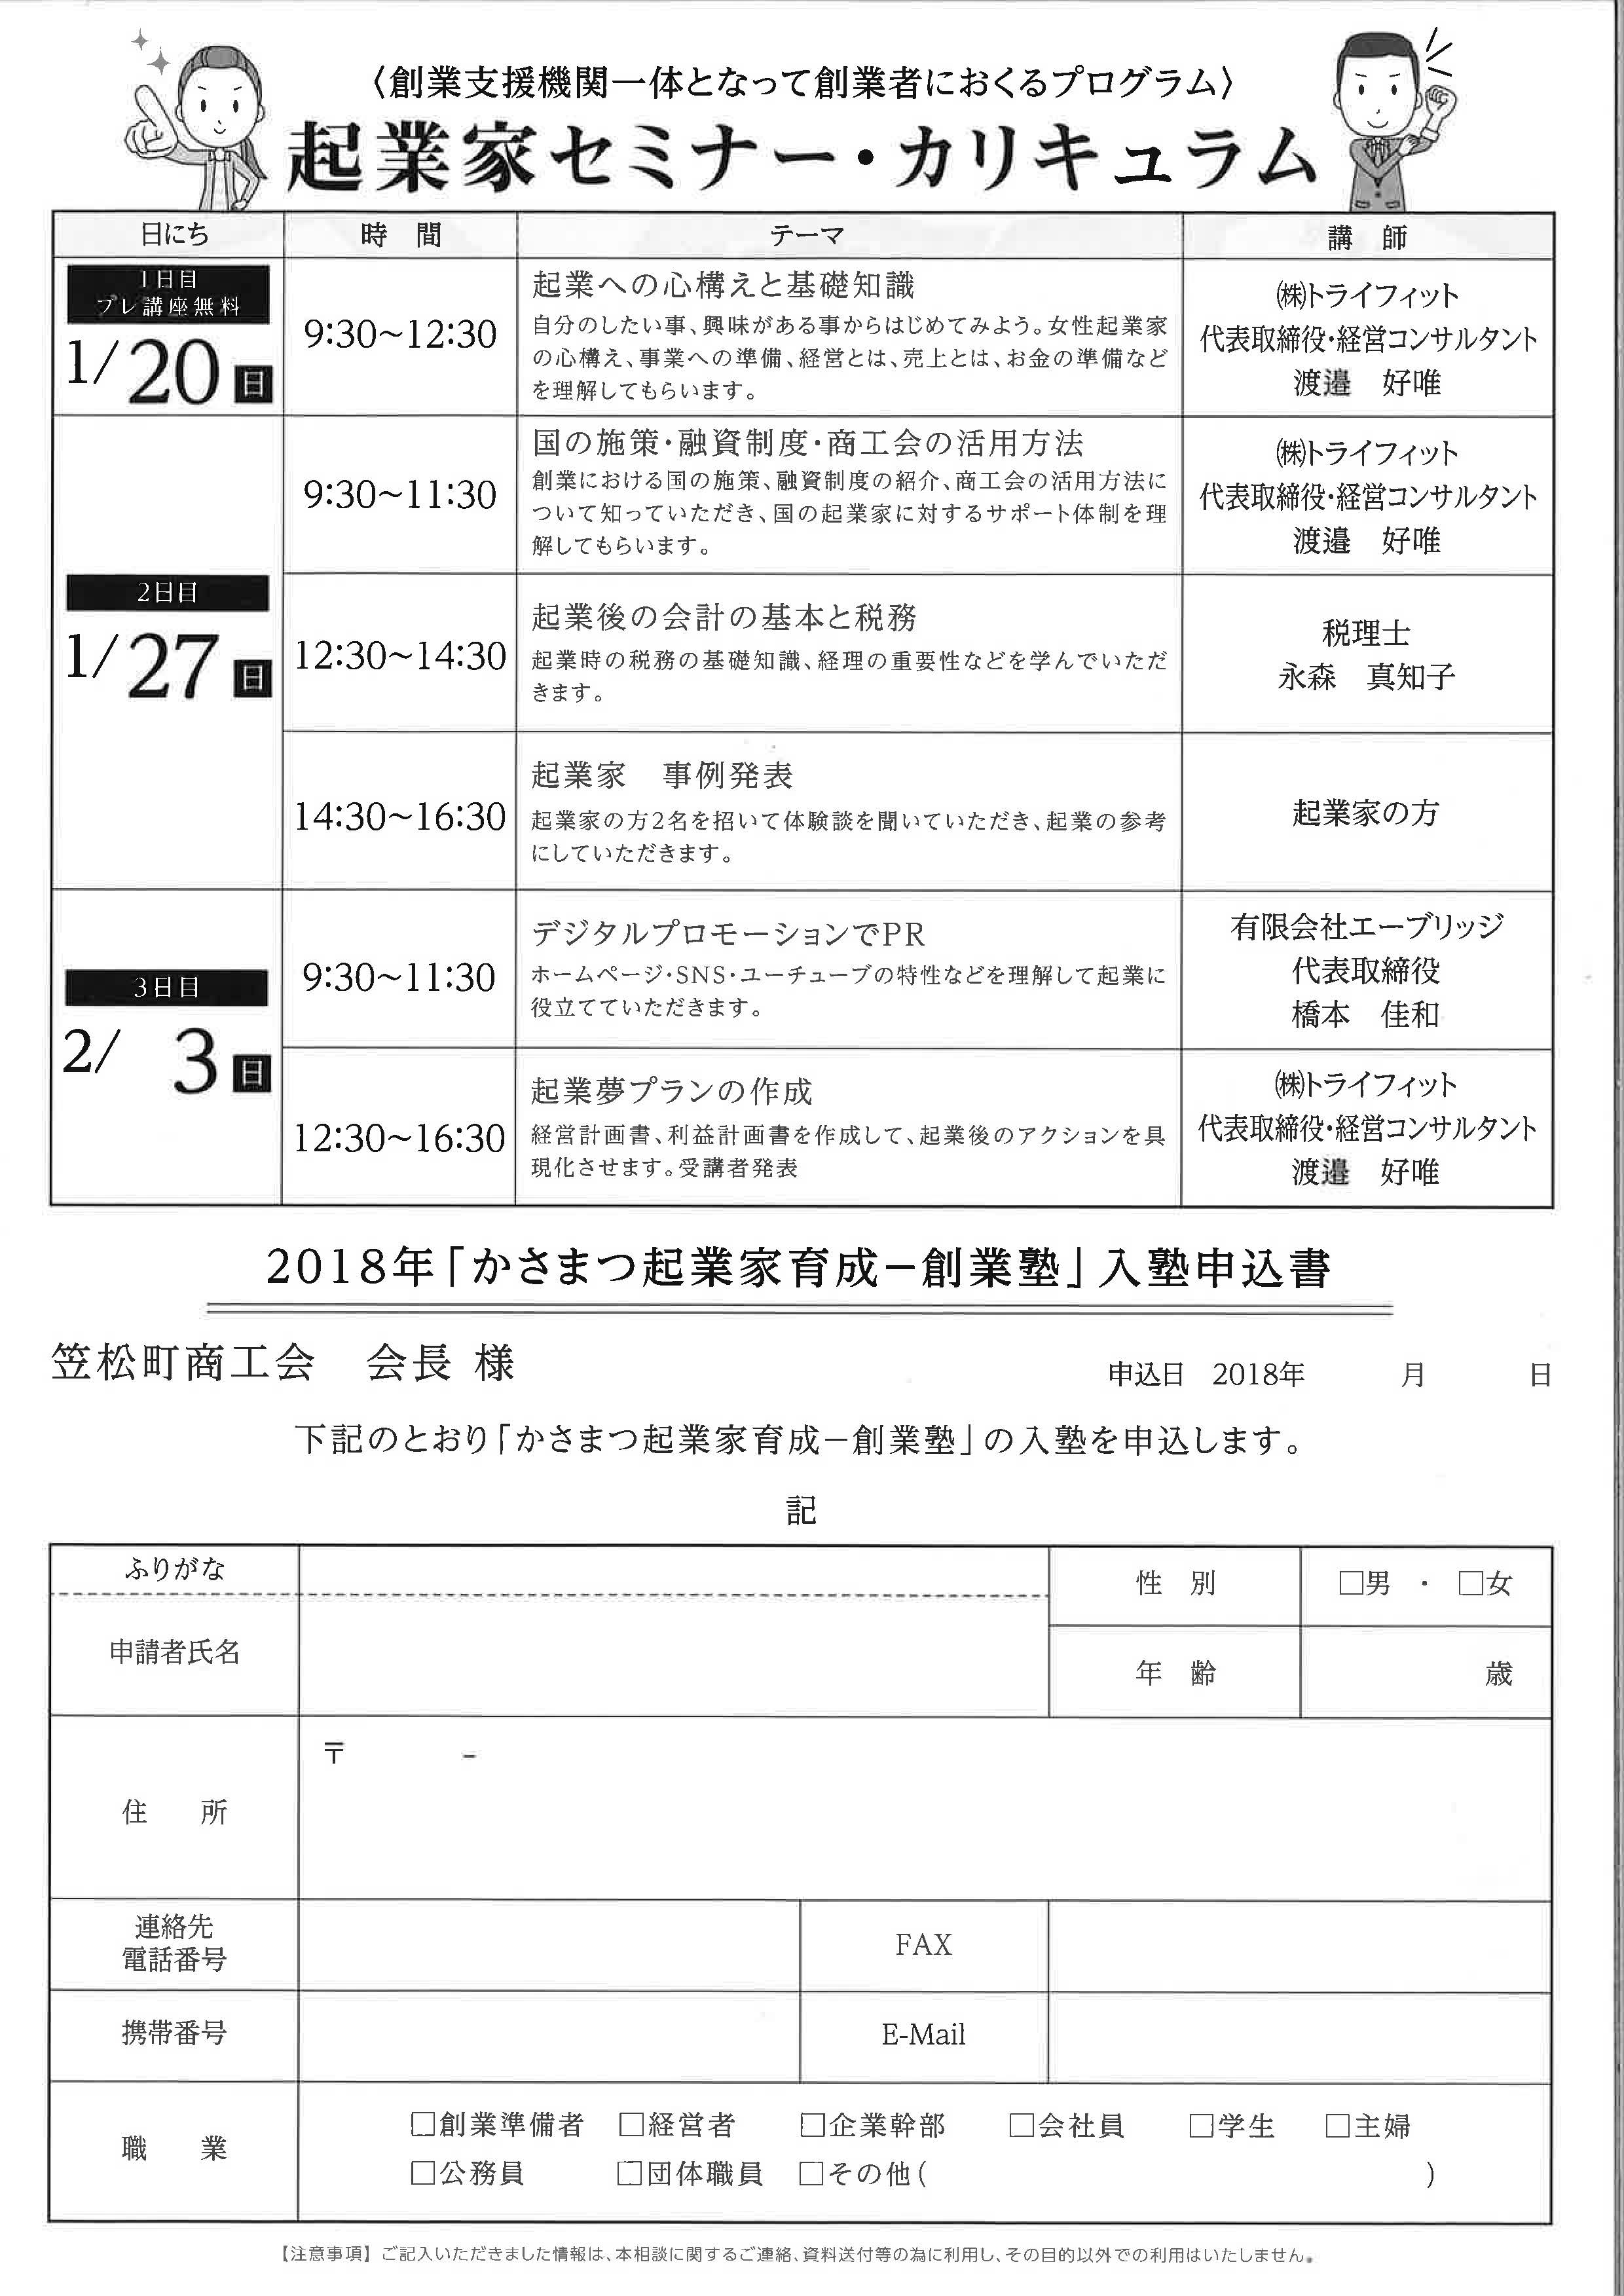 創業塾チラシ1月コース_ページ_2